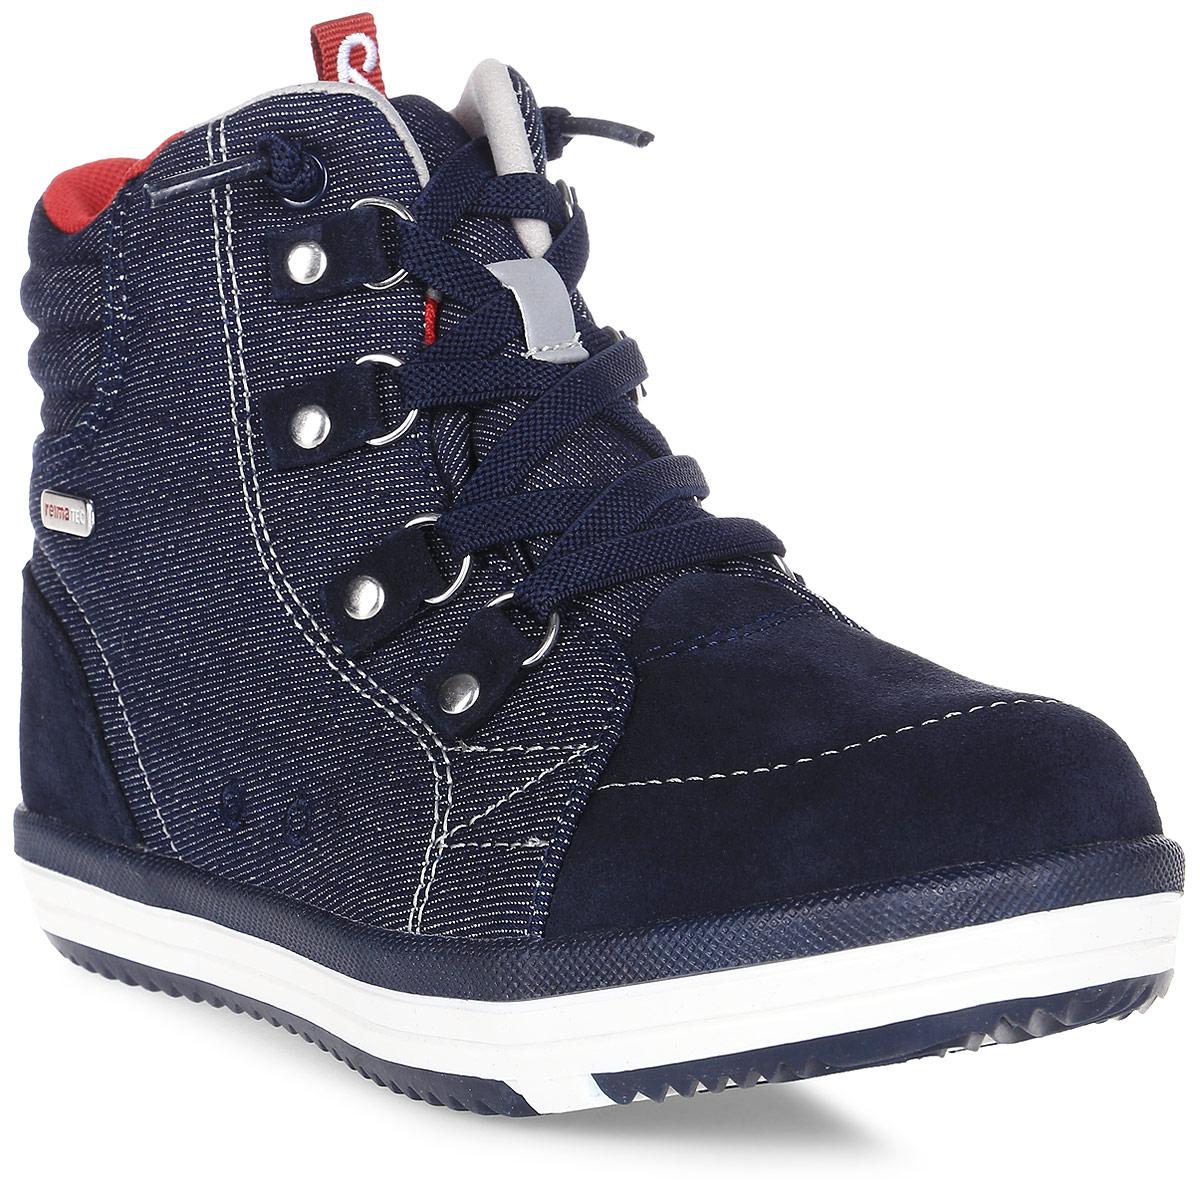 Ботинки детские Reima Wetter Jeans, цвет: синий. 5693216980. Размер 295693216980Детские ботинки Reima Wetter Jeans полностью непромокаемые, станут отличным вариантом как для прогулок по городу, так и для веселых игр на улице. Верхняя часть изготовлена из гибкого полиамида, носовая и задняя части усилены замшей из коровьей кожи. Обувь снабжена уникальными съемными стельками Reima с принтом Happy Fit, которые помогают правильно определить размер.